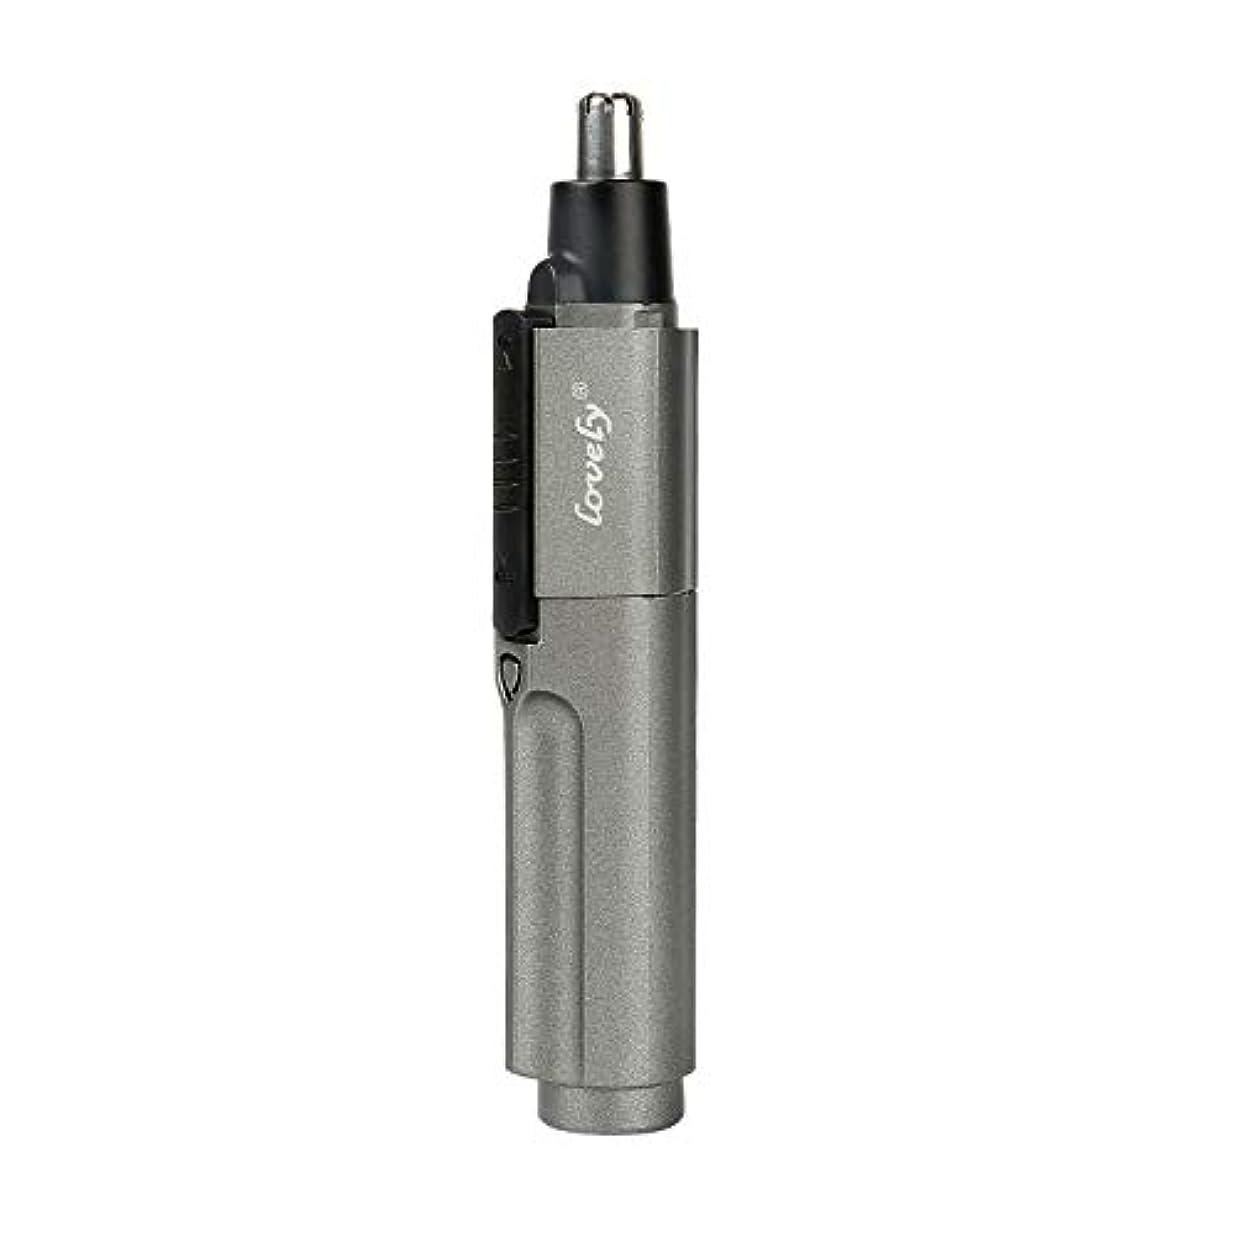 休みカタログの面では鼻毛カッター鼻毛トリマー環境にやさしい腹筋材料三次元アーチカッターヘッド乾電池のデザインは、男性と女性に適した適切なスイッチを発売